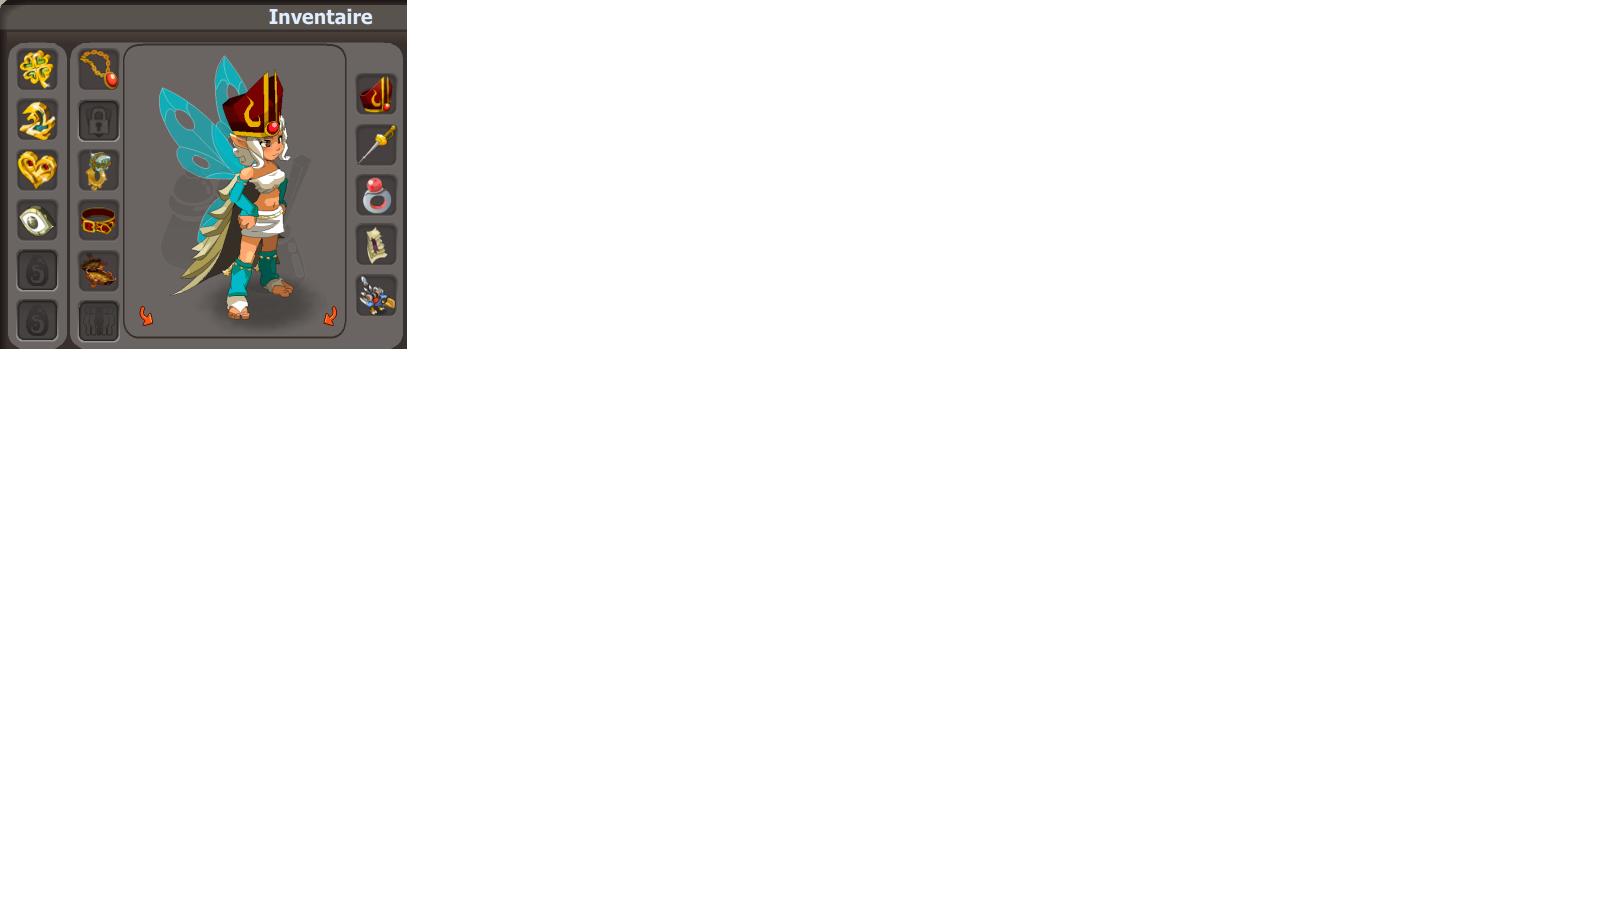 [Refusé][Candidature] Wlinter-Rox parainé par Shads Nini211